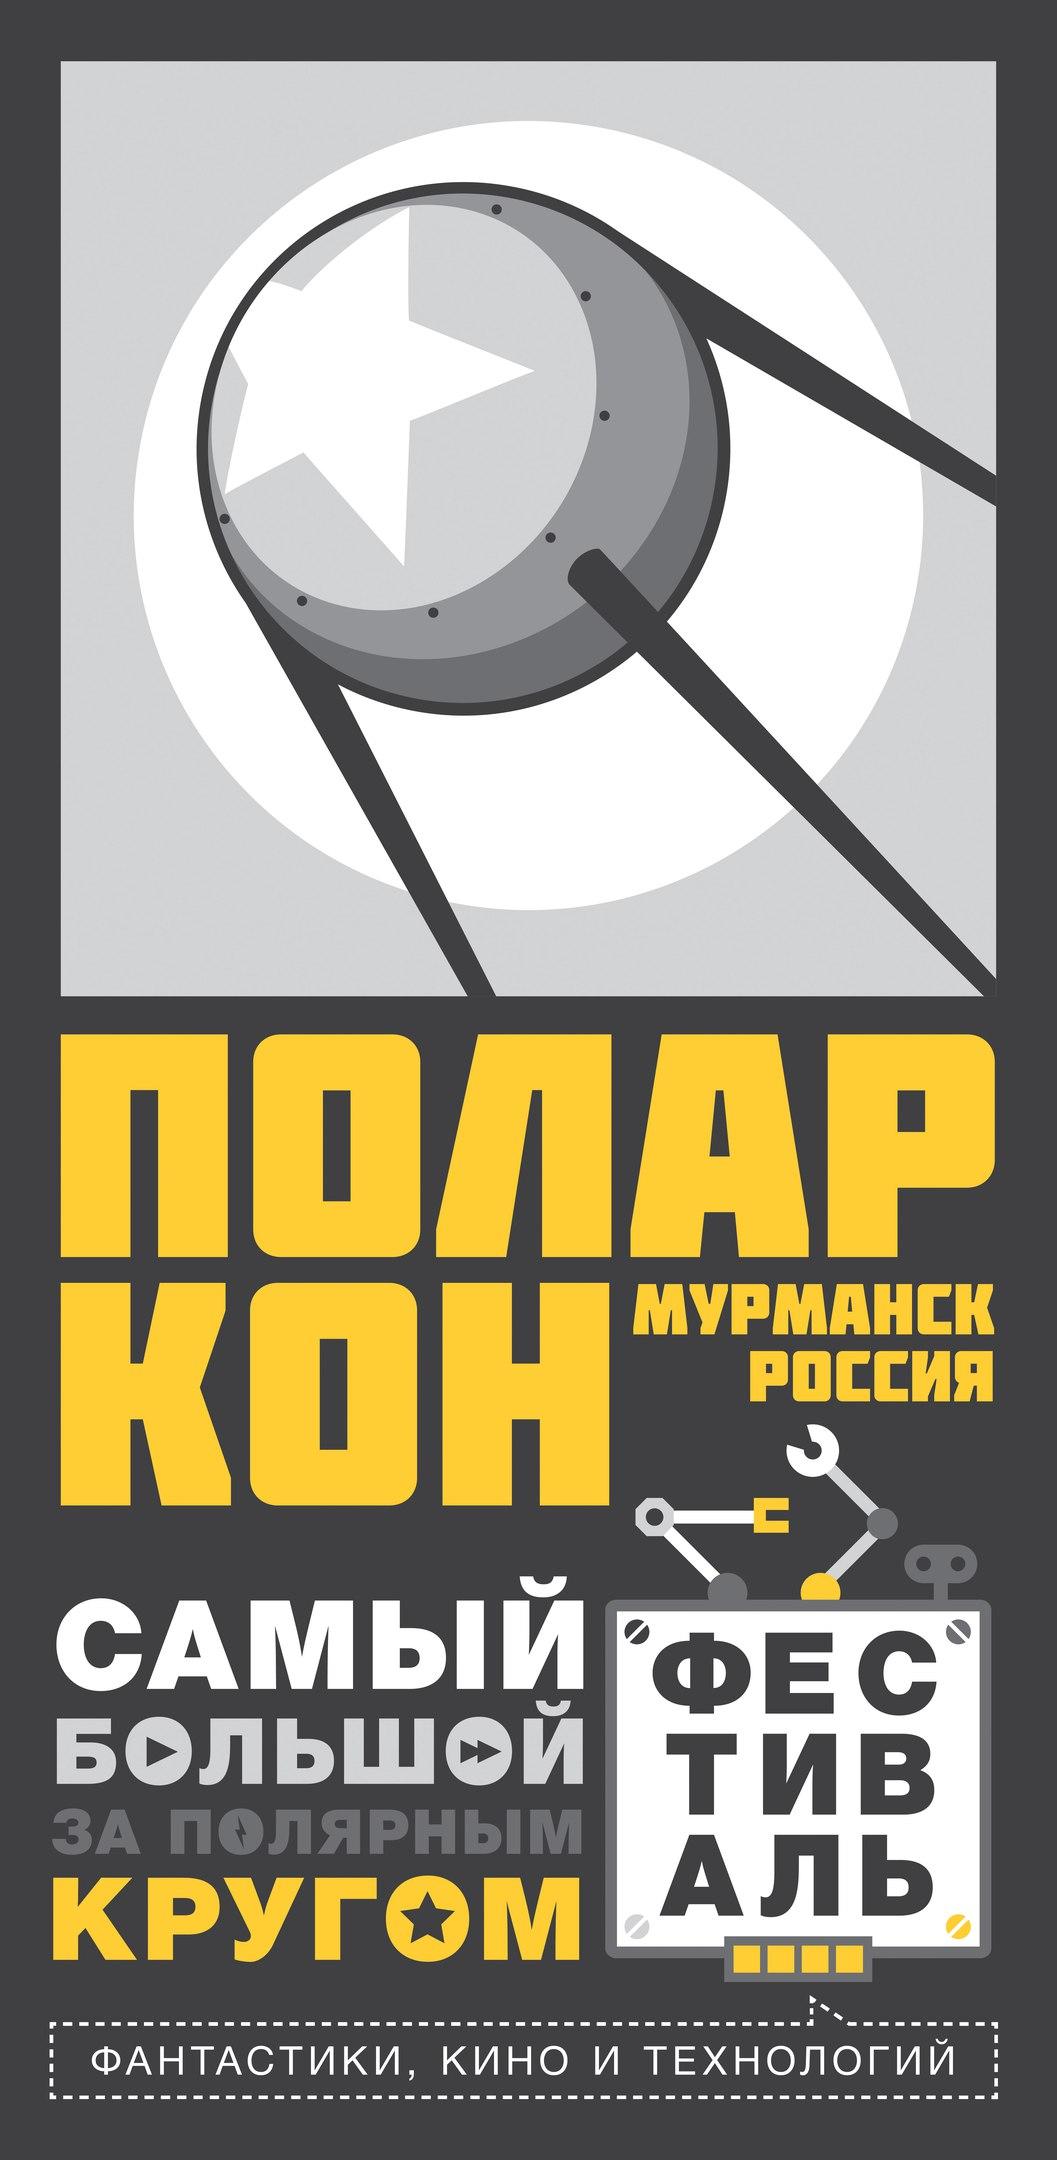 ПОЛАРКОН 2017